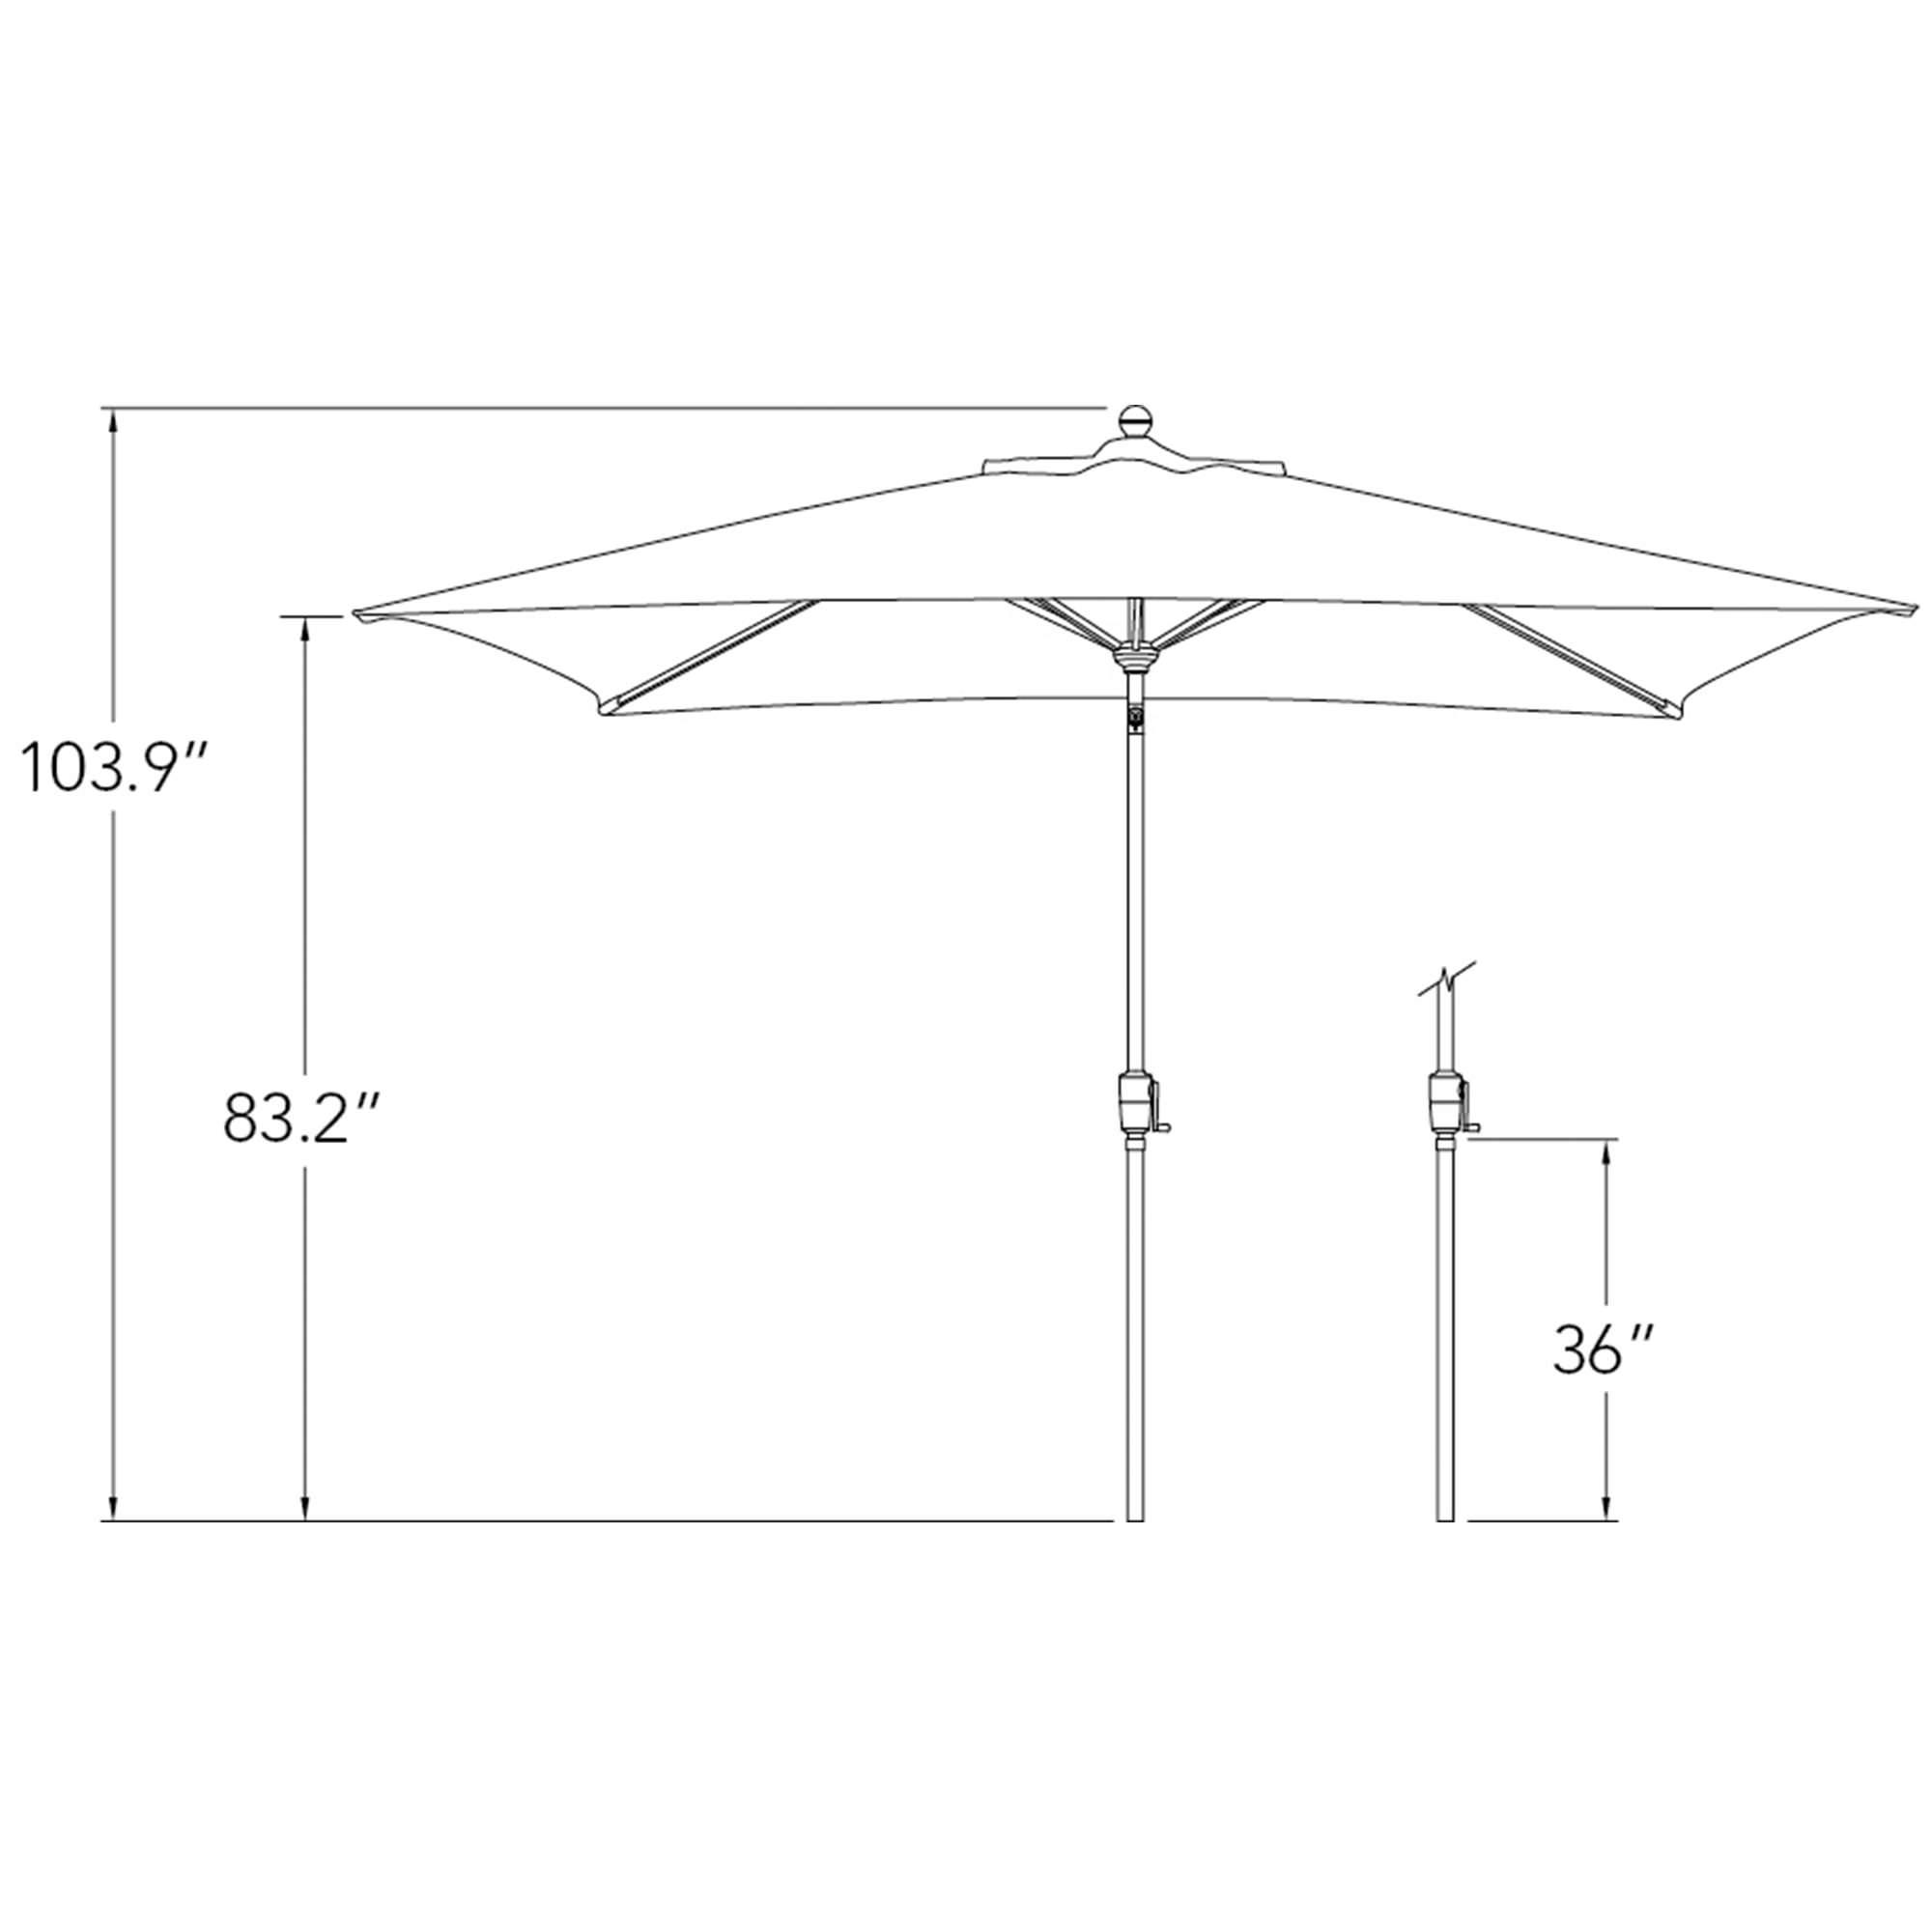 10 Ft Patio Umbrella